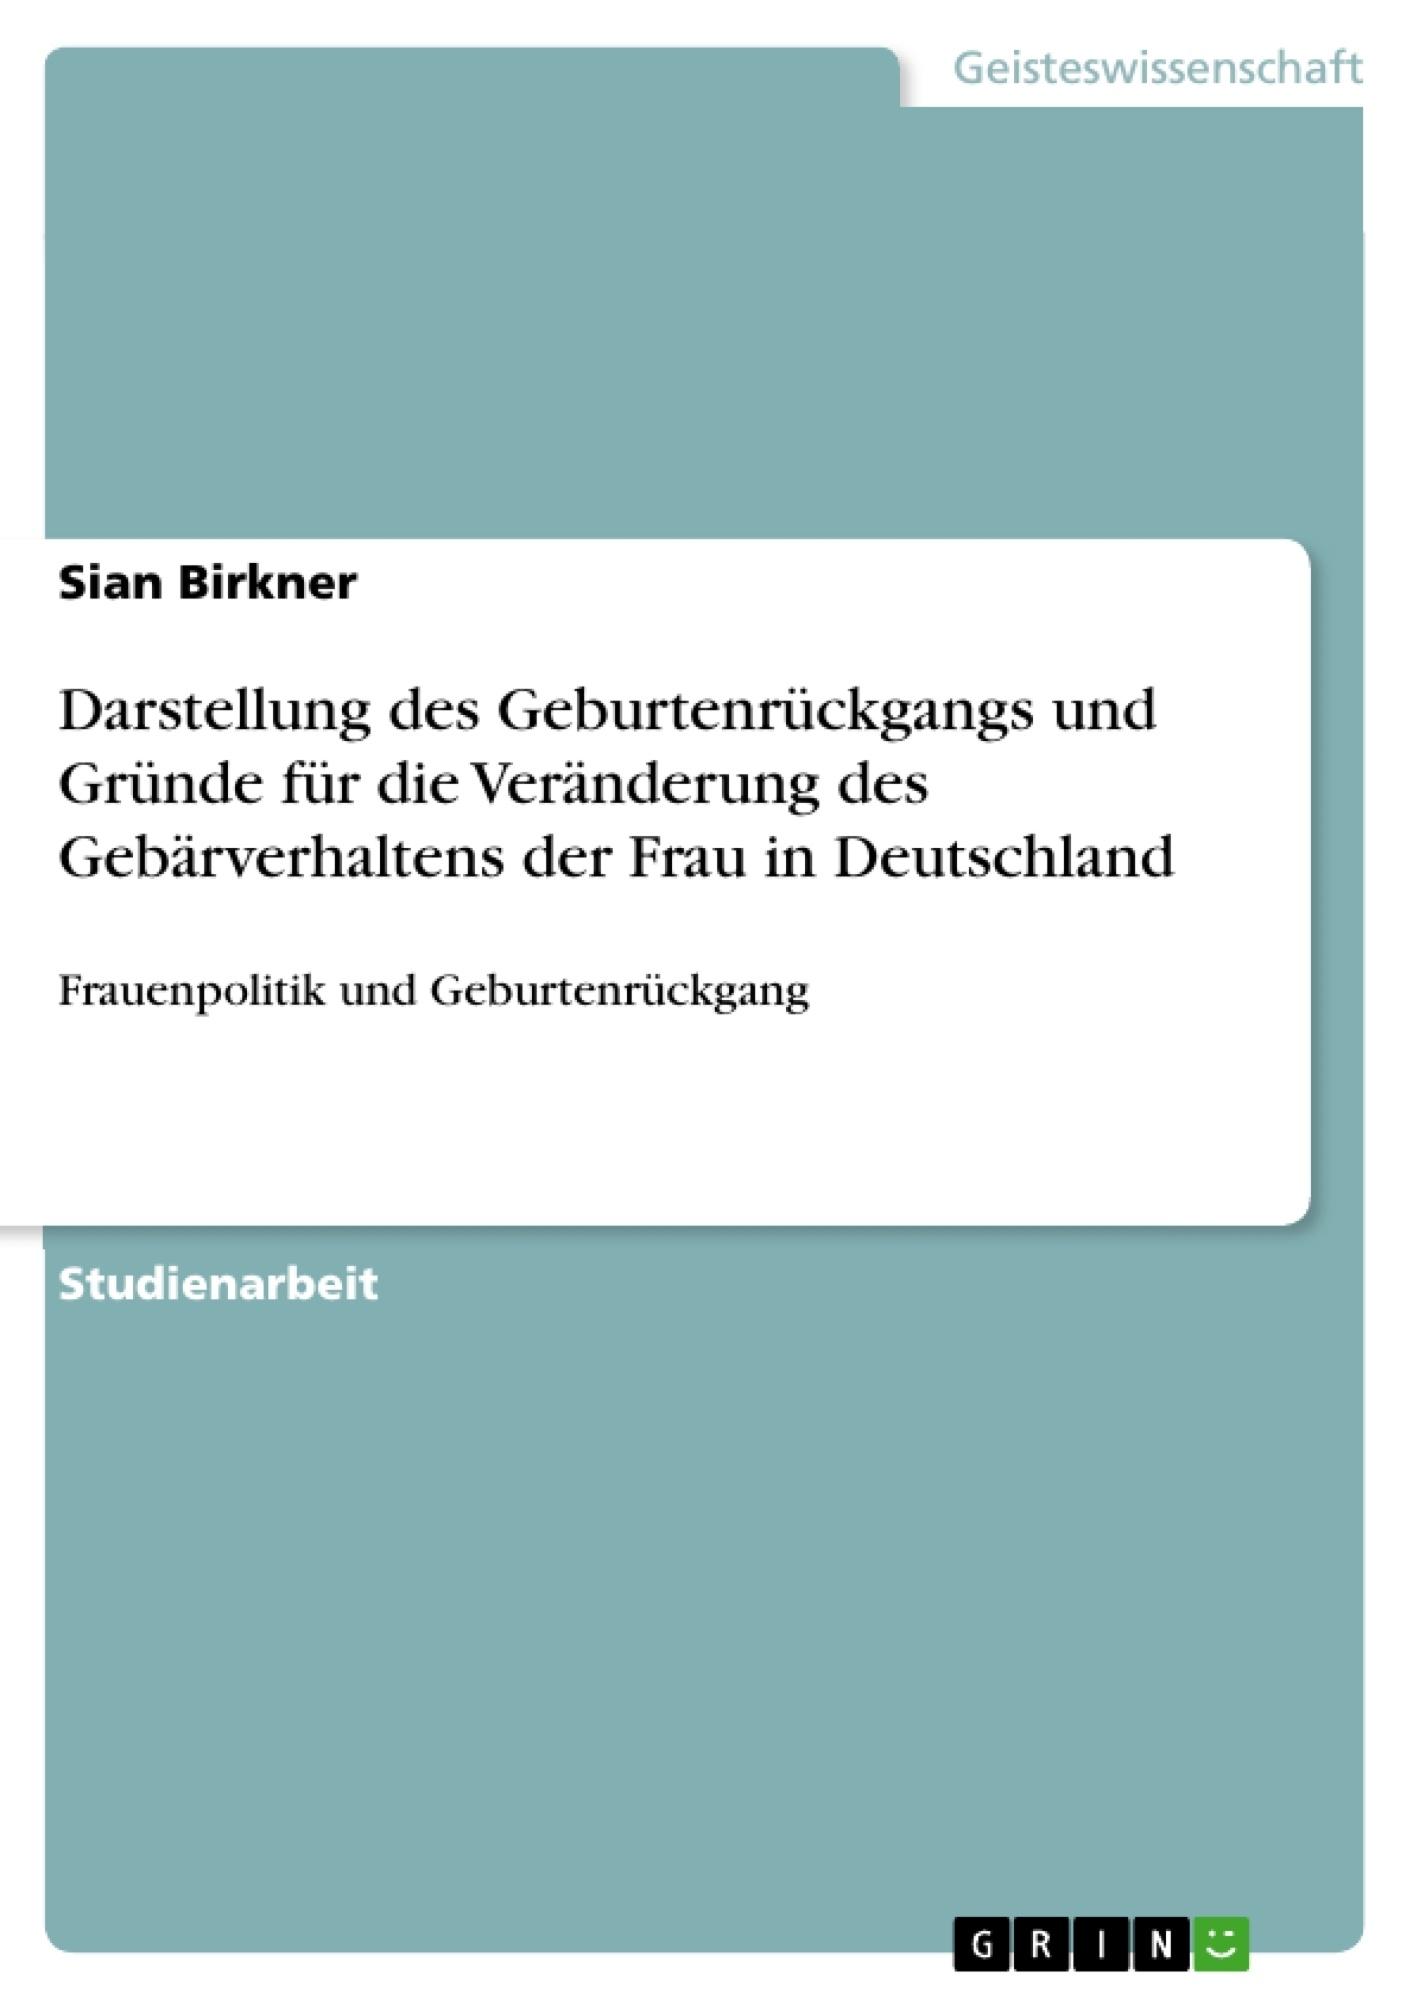 Titel: Darstellung des Geburtenrückgangs und Gründe für die Veränderung des Gebärverhaltens der Frau in Deutschland